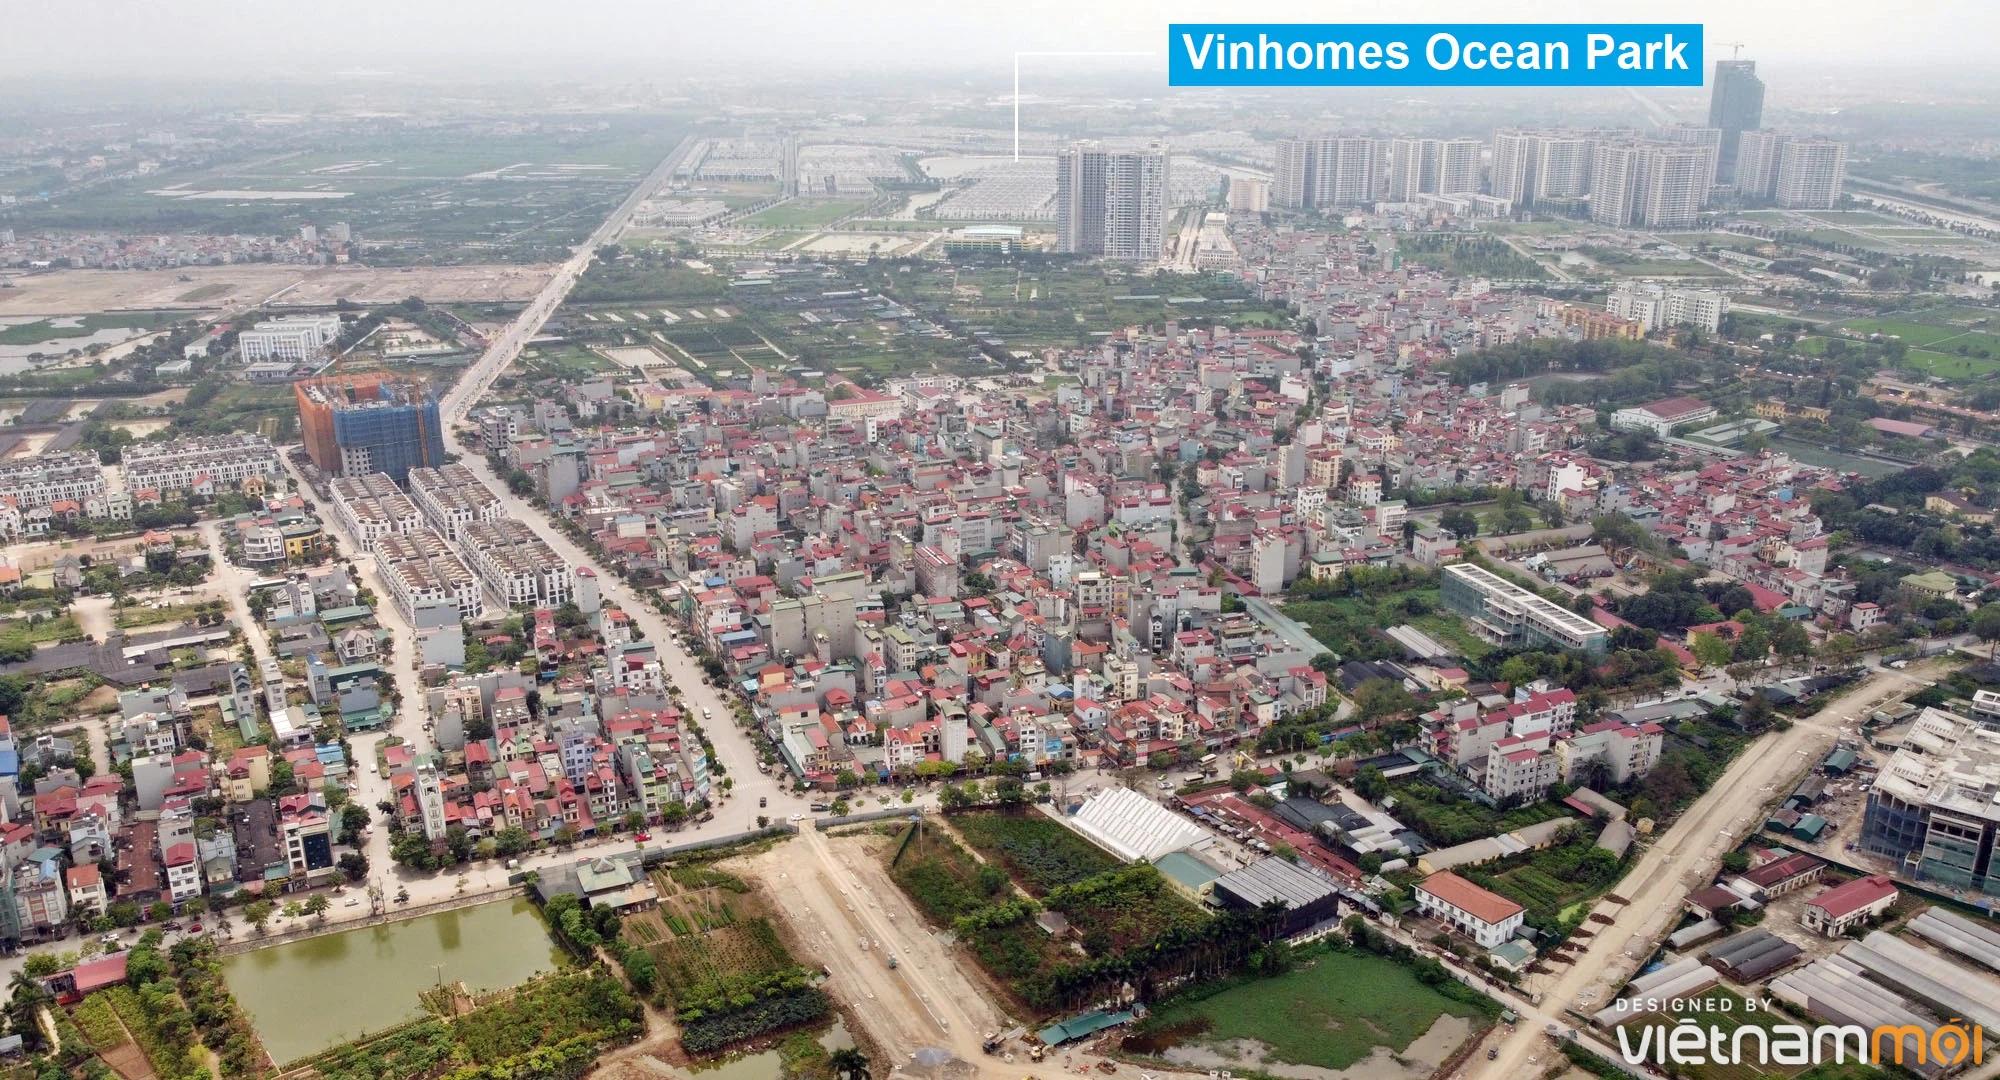 Toàn cảnh đường từ Kiêu Kỵ đến sông Cầu Bây qua Vinhomes Ocean Park đang mở theo quy hoạch ở Hà Nội - Ảnh 17.